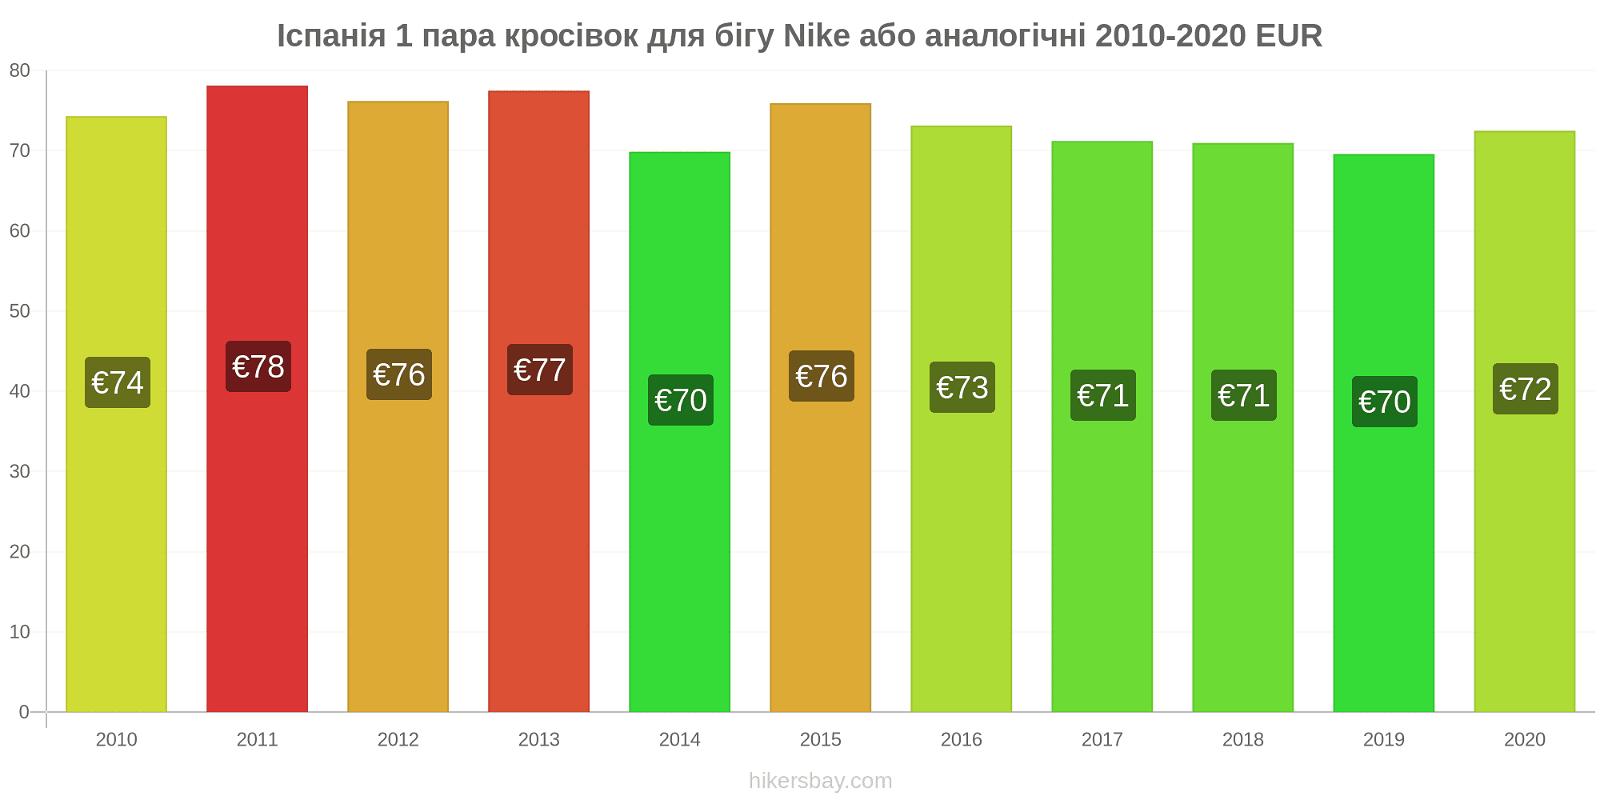 Іспанія зміни цін 1 пара кросівок для бігу Nike або аналогічні hikersbay.com